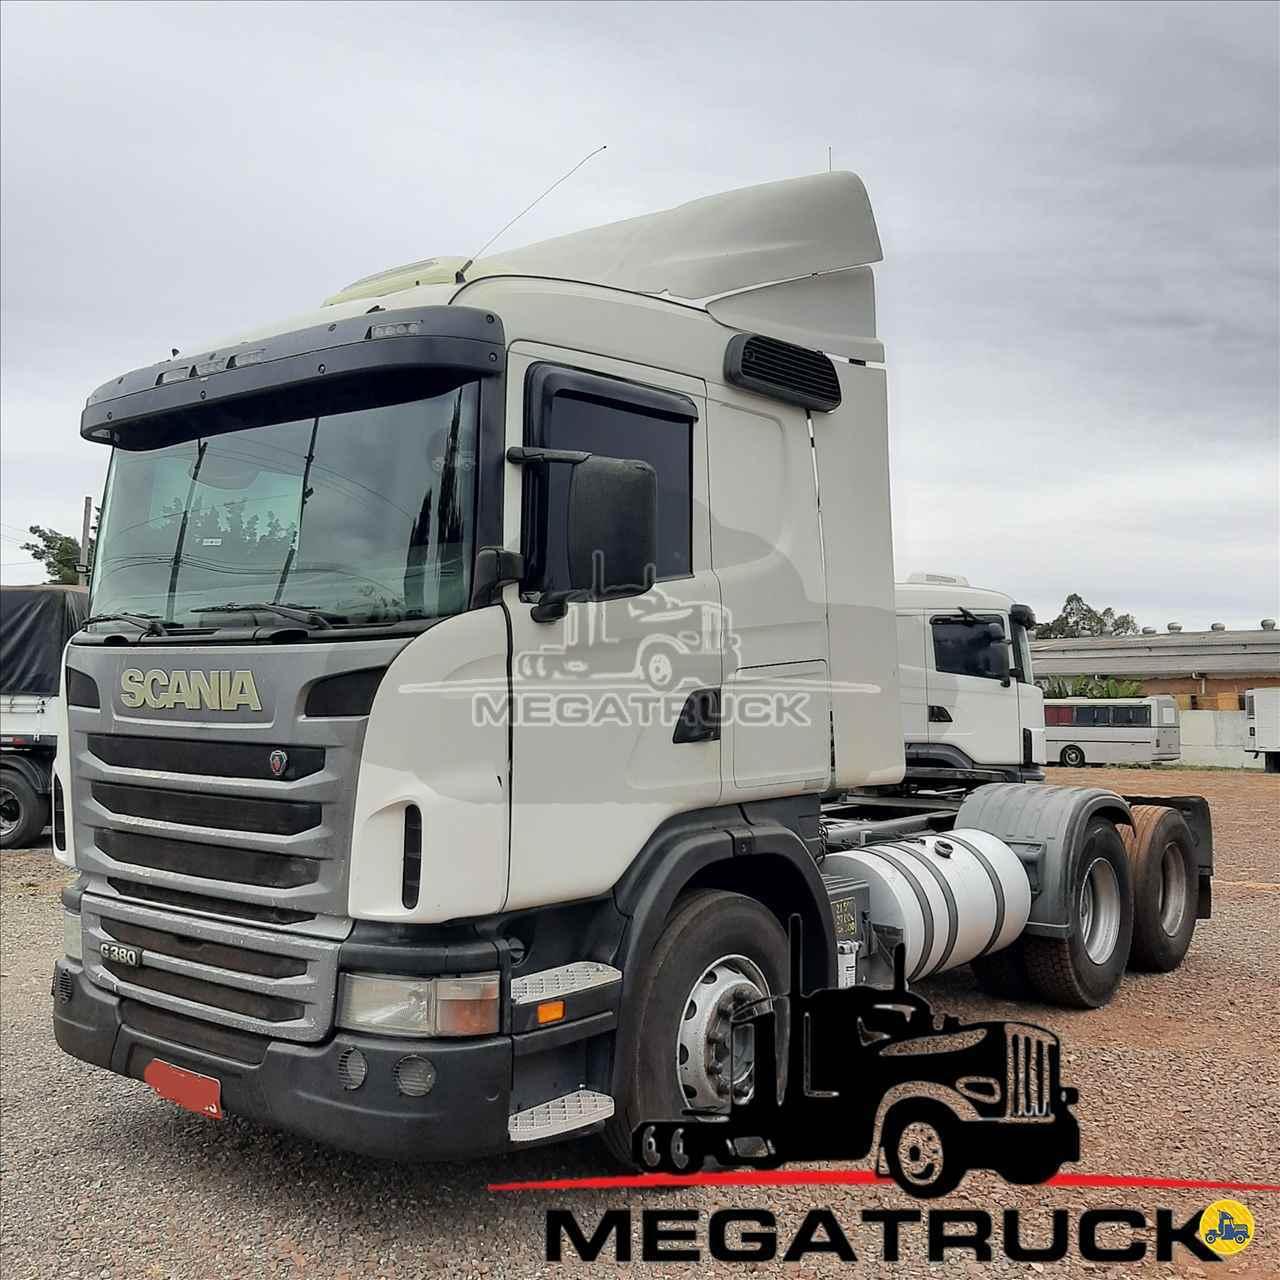 CAMINHAO SCANIA SCANIA 380 Cavalo Mecânico Truck 6x2 Megatruck Caminhões e Máquinas CAMPO GRANDE MATO GROSSO DO SUL MS